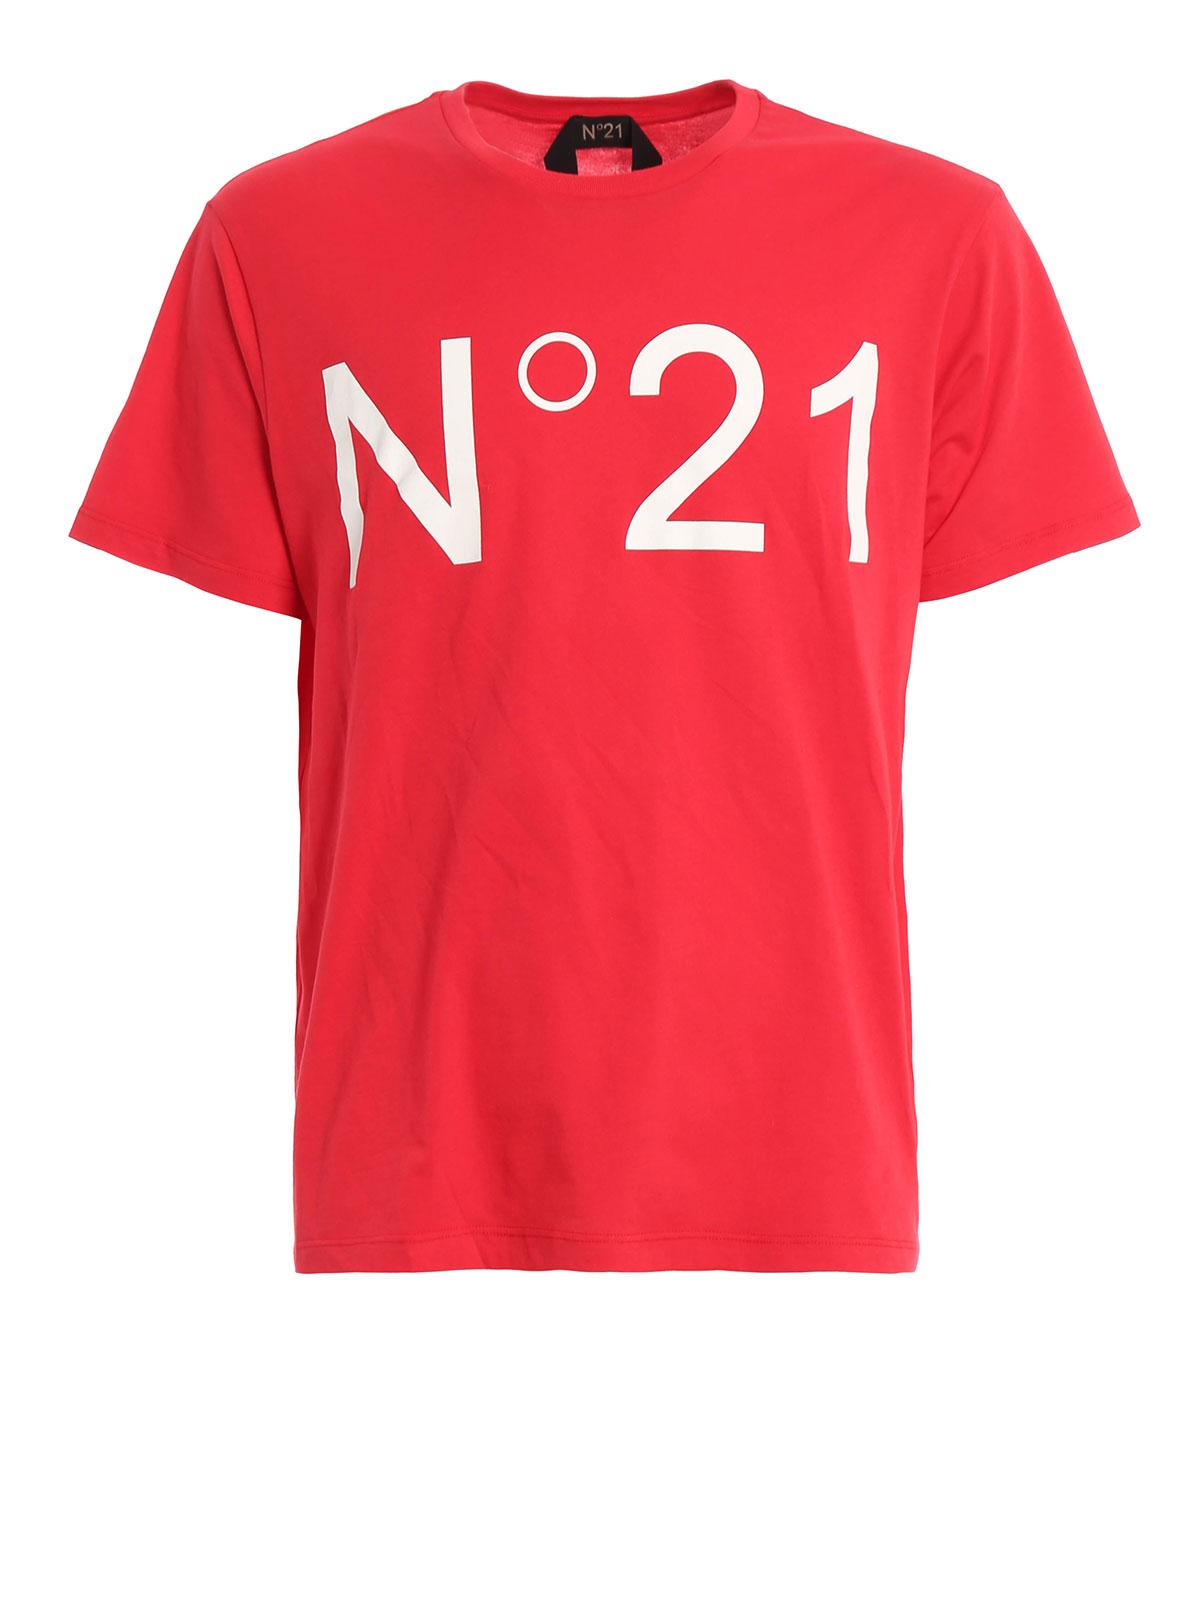 Logo print t shirt by n 21 t shirts ikrix for Print logo on shirt